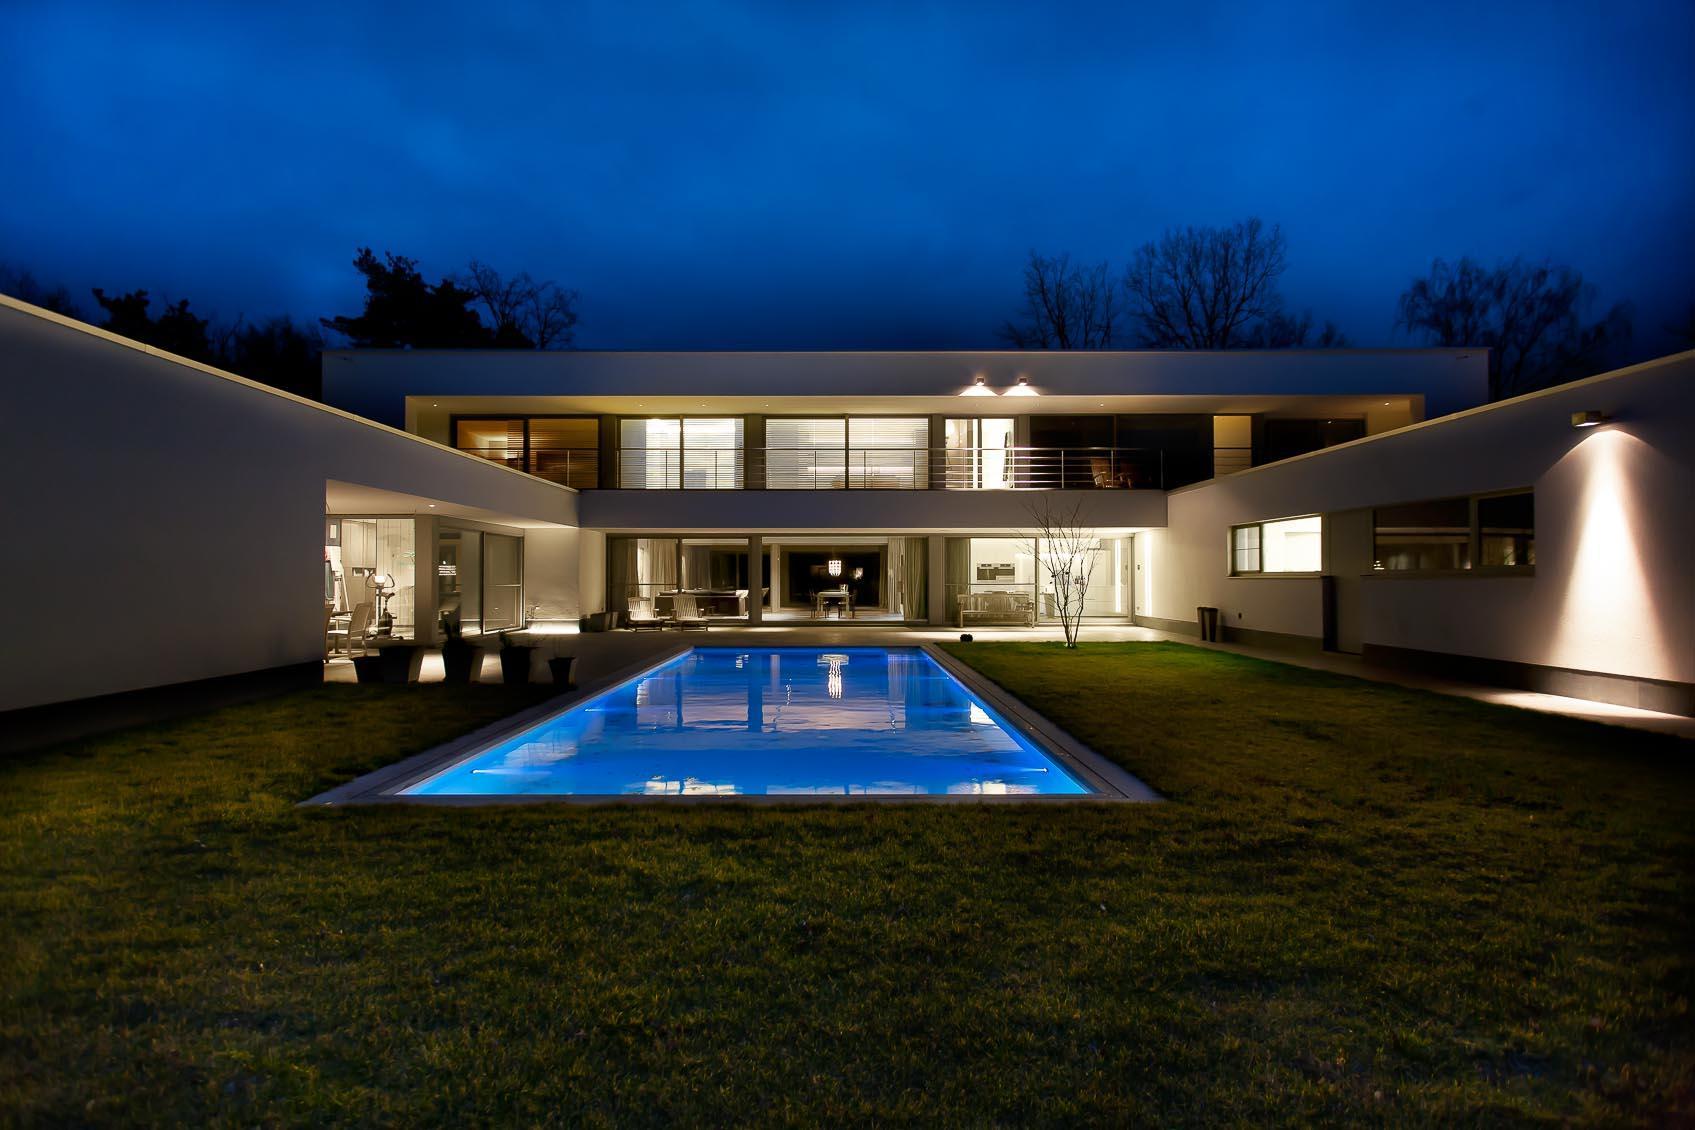 architecturale verlichting aan buitengevel met viabizzuno cubo wandverlichting